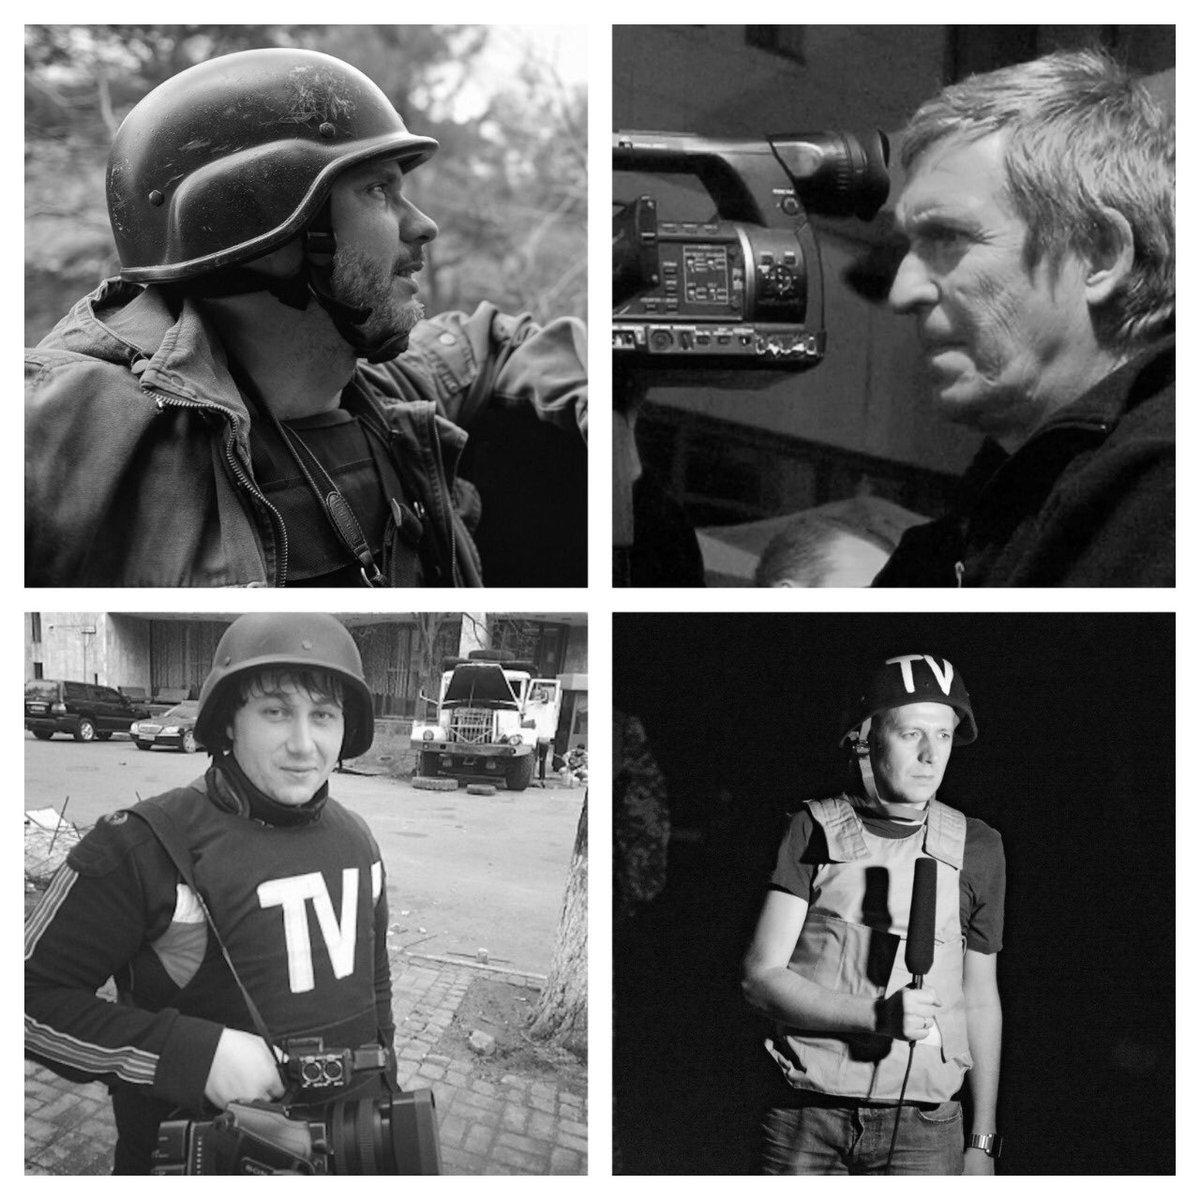 Сегодня в России отмечается День памяти журналистов, погибших при исполнении профессиональных обязанностей.          https://t.co/zFHdcVqGTs #ПамятиЖурналистов